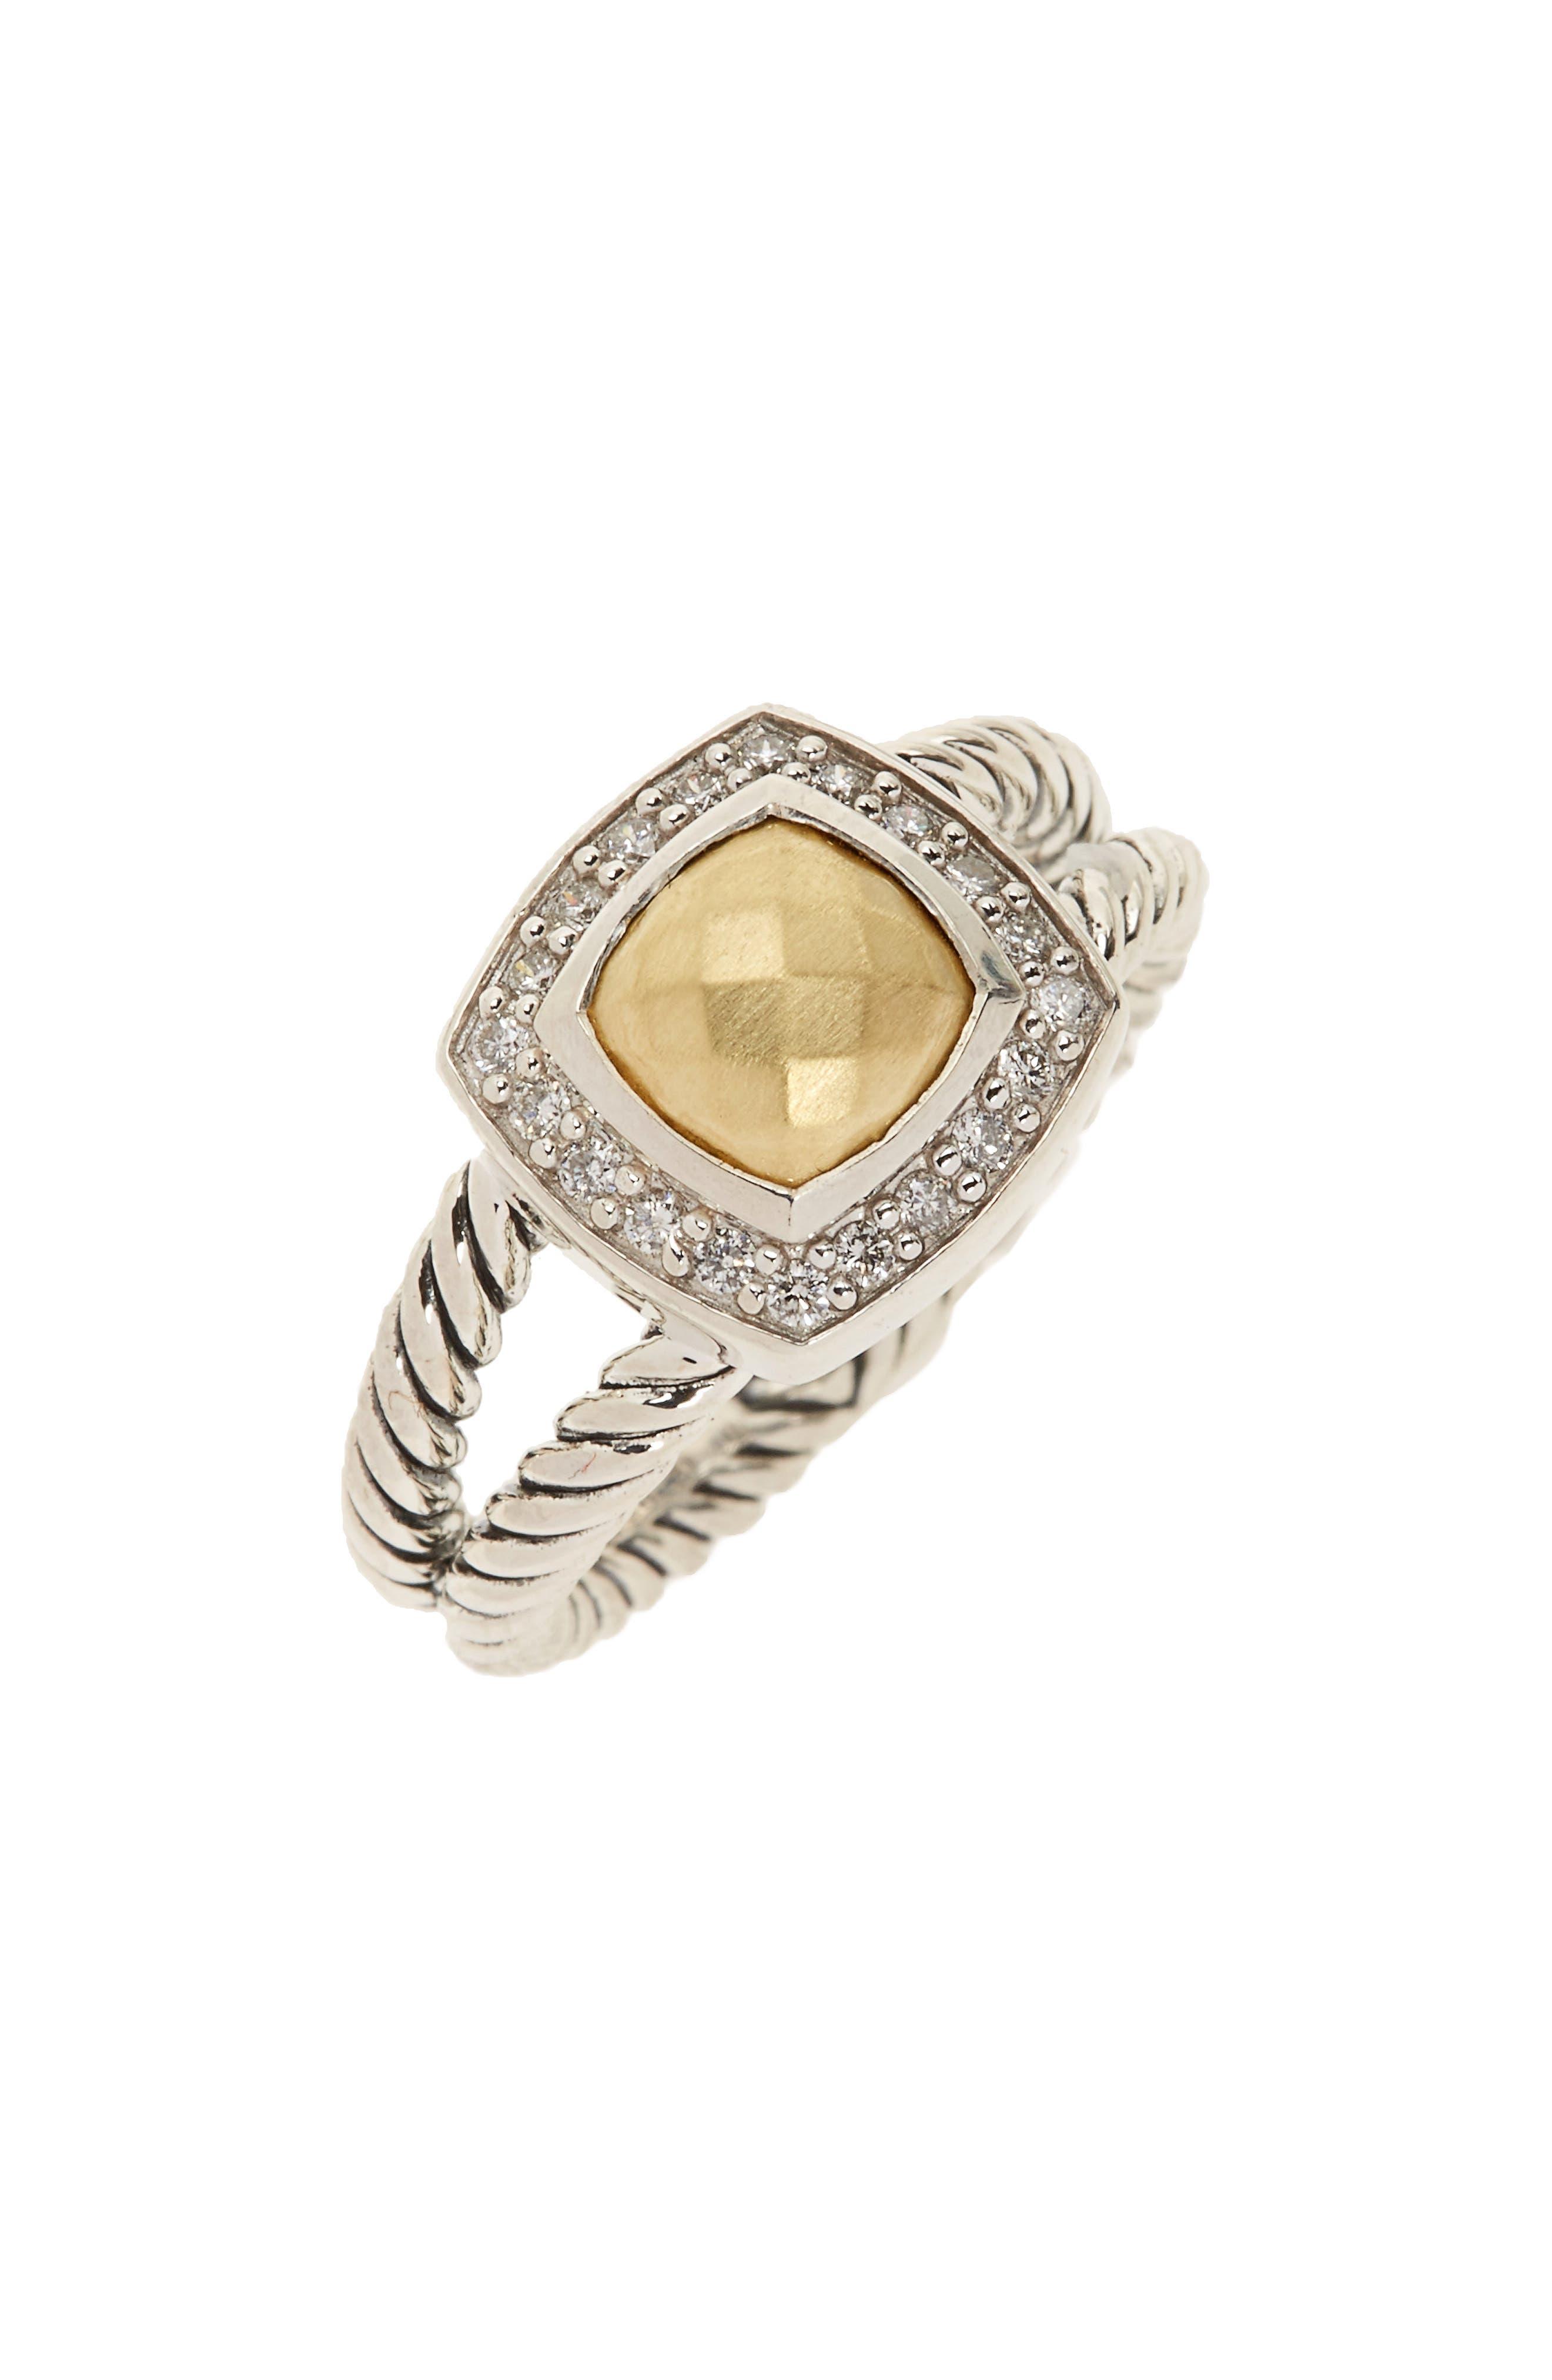 Alternate Image 1 Selected - David Yurman Petite Albion Ring with Semiprecious Stone & Diamonds